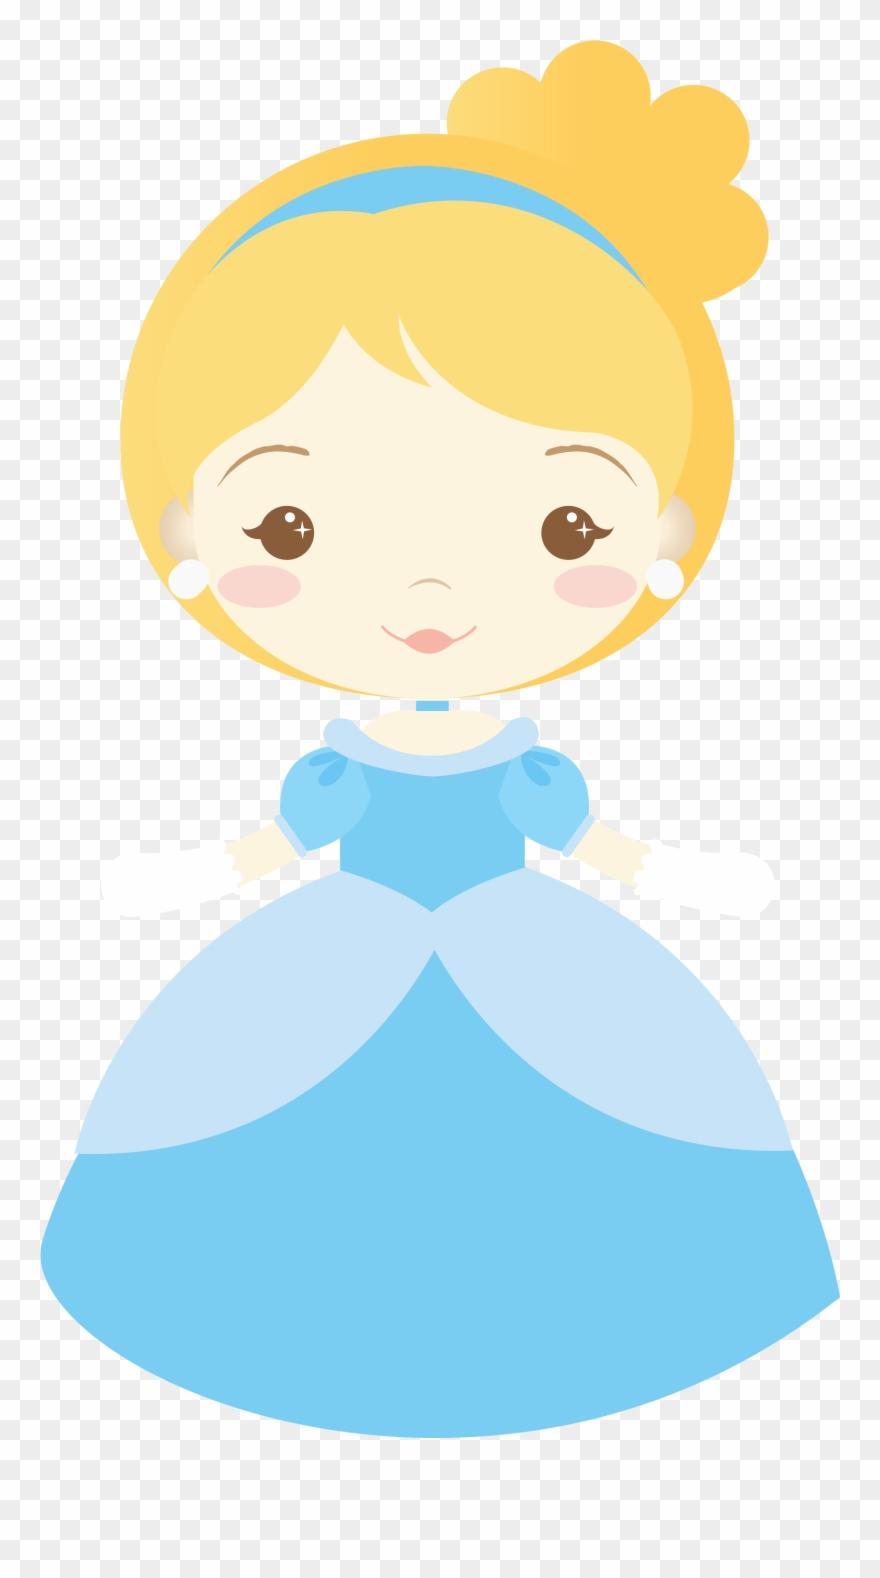 Baby cinderella princess.